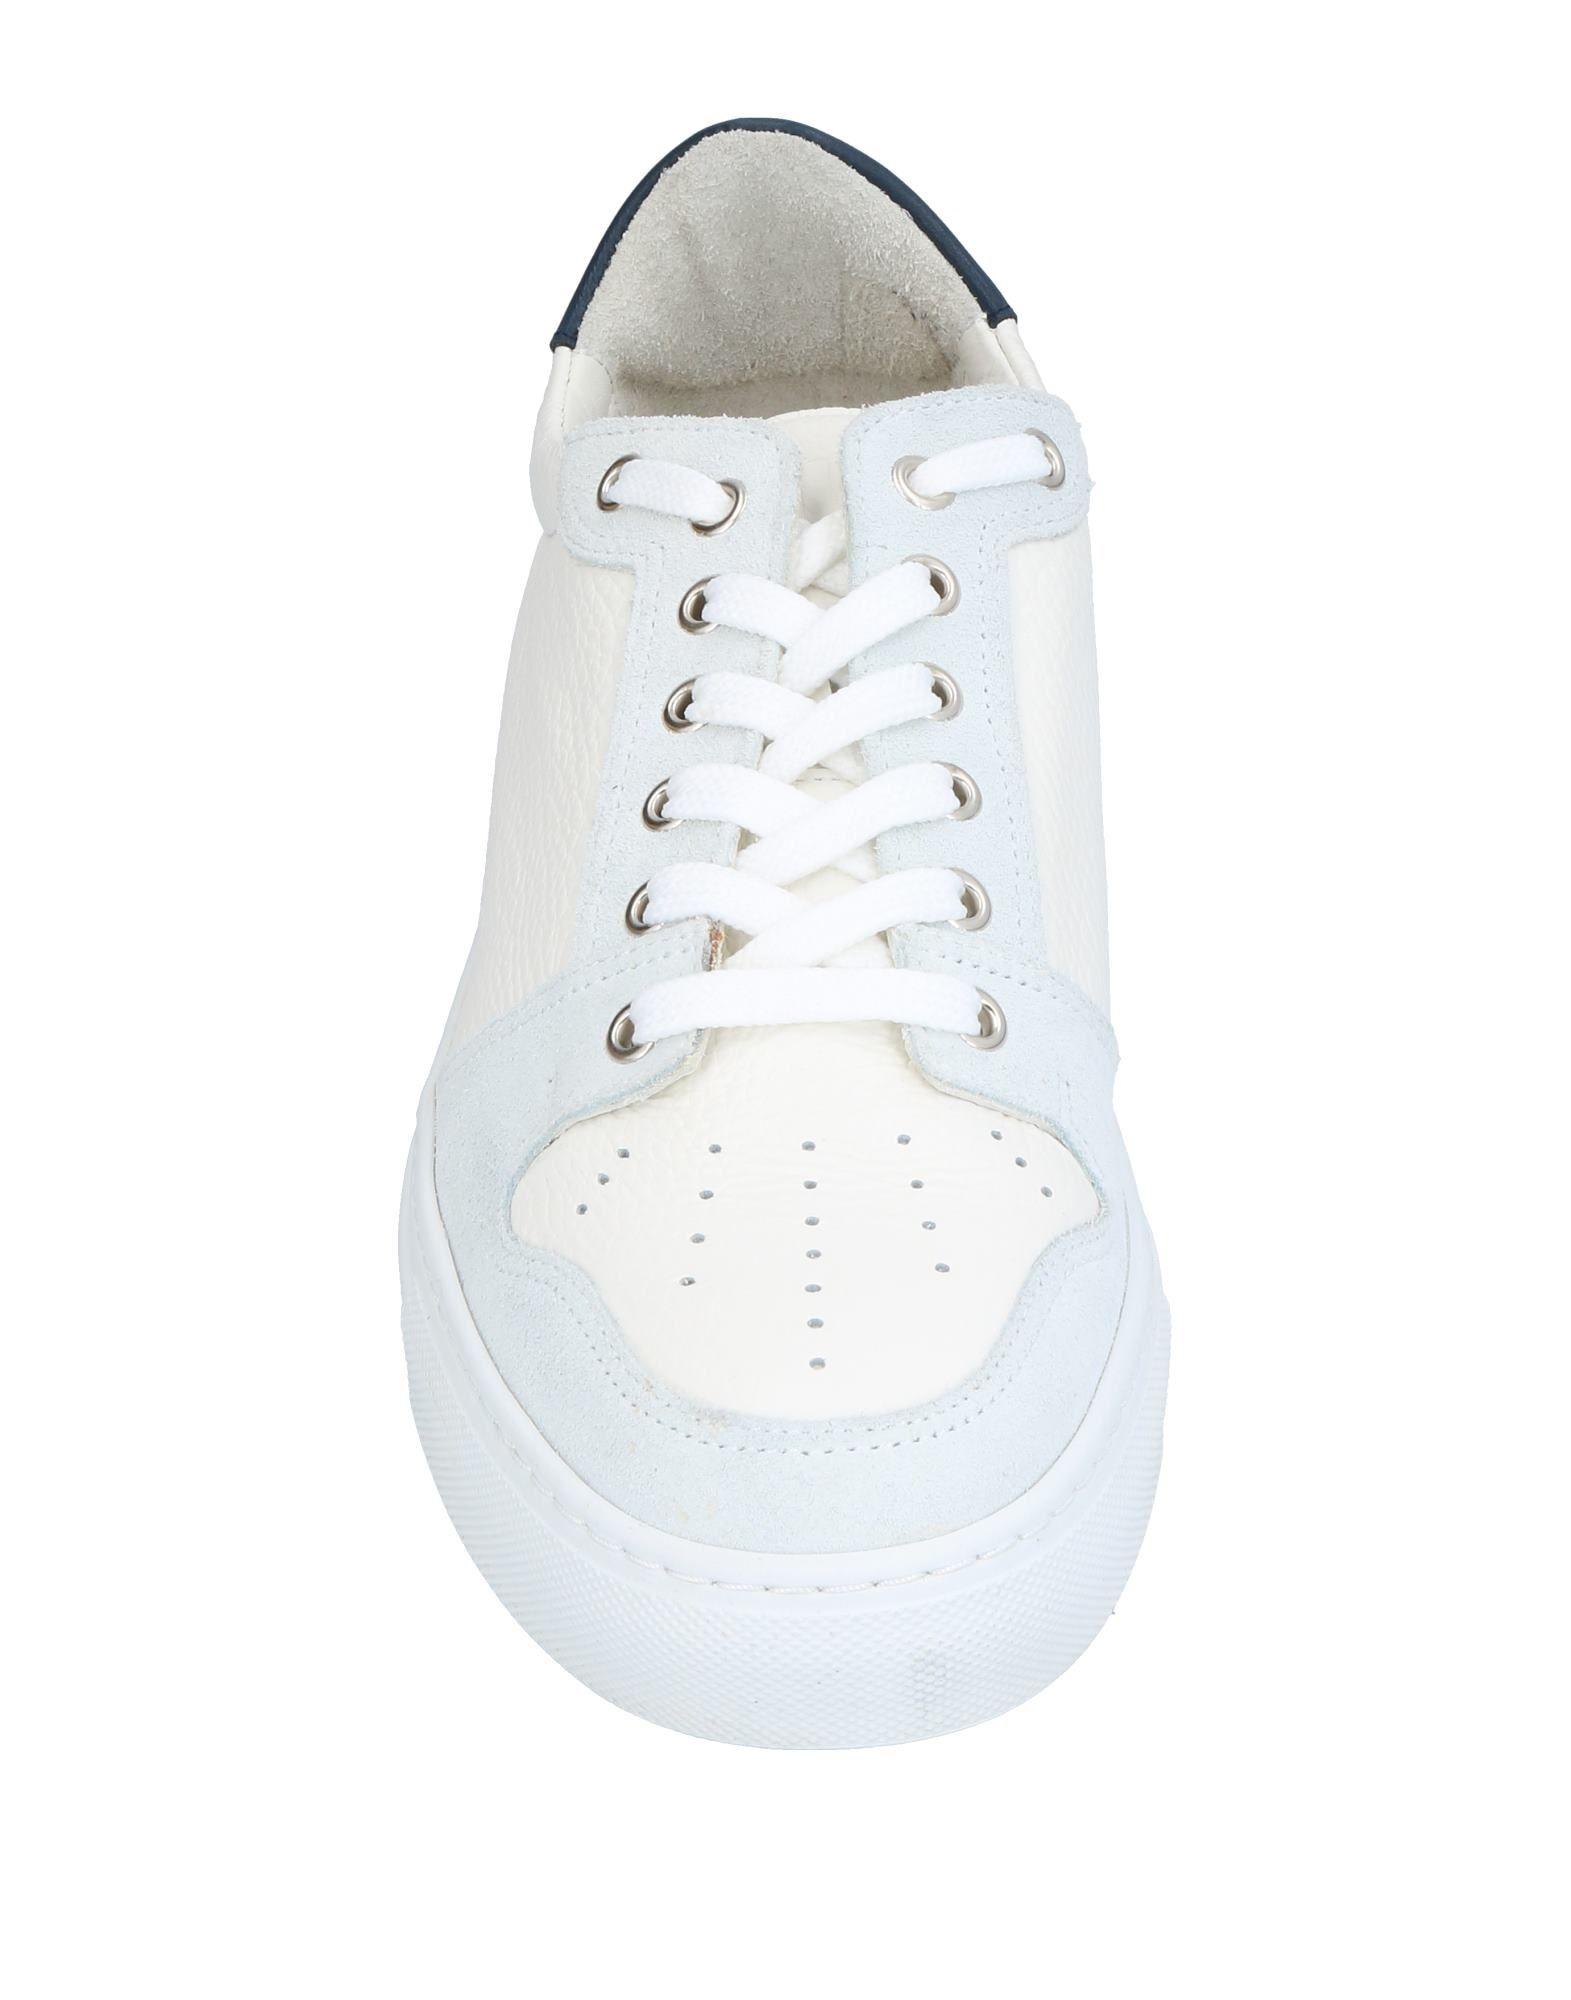 Ami Ami Ami Alexandre Mattiussi Sneakers Herren  11401636EV 2d5ede